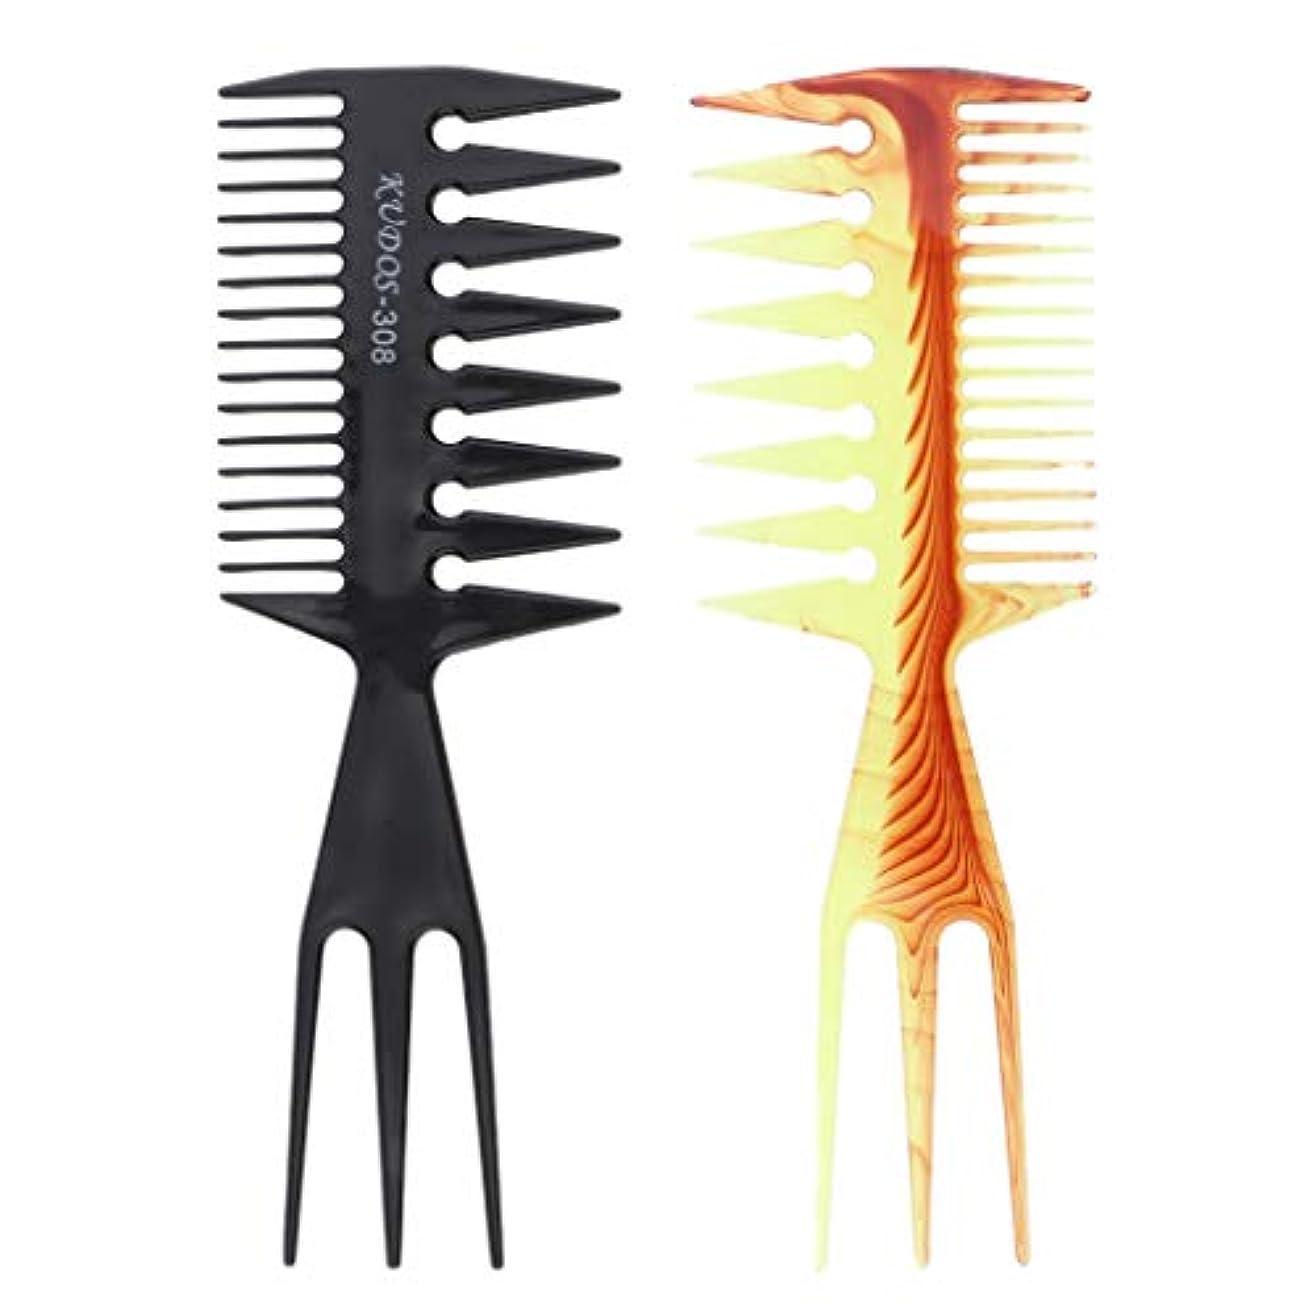 エアコンクモ気を散らすへアカラーセット ヘアダイブラシ DIY髪染め用 サロン 美髪師用 ヘアカラーの用具 2個セット